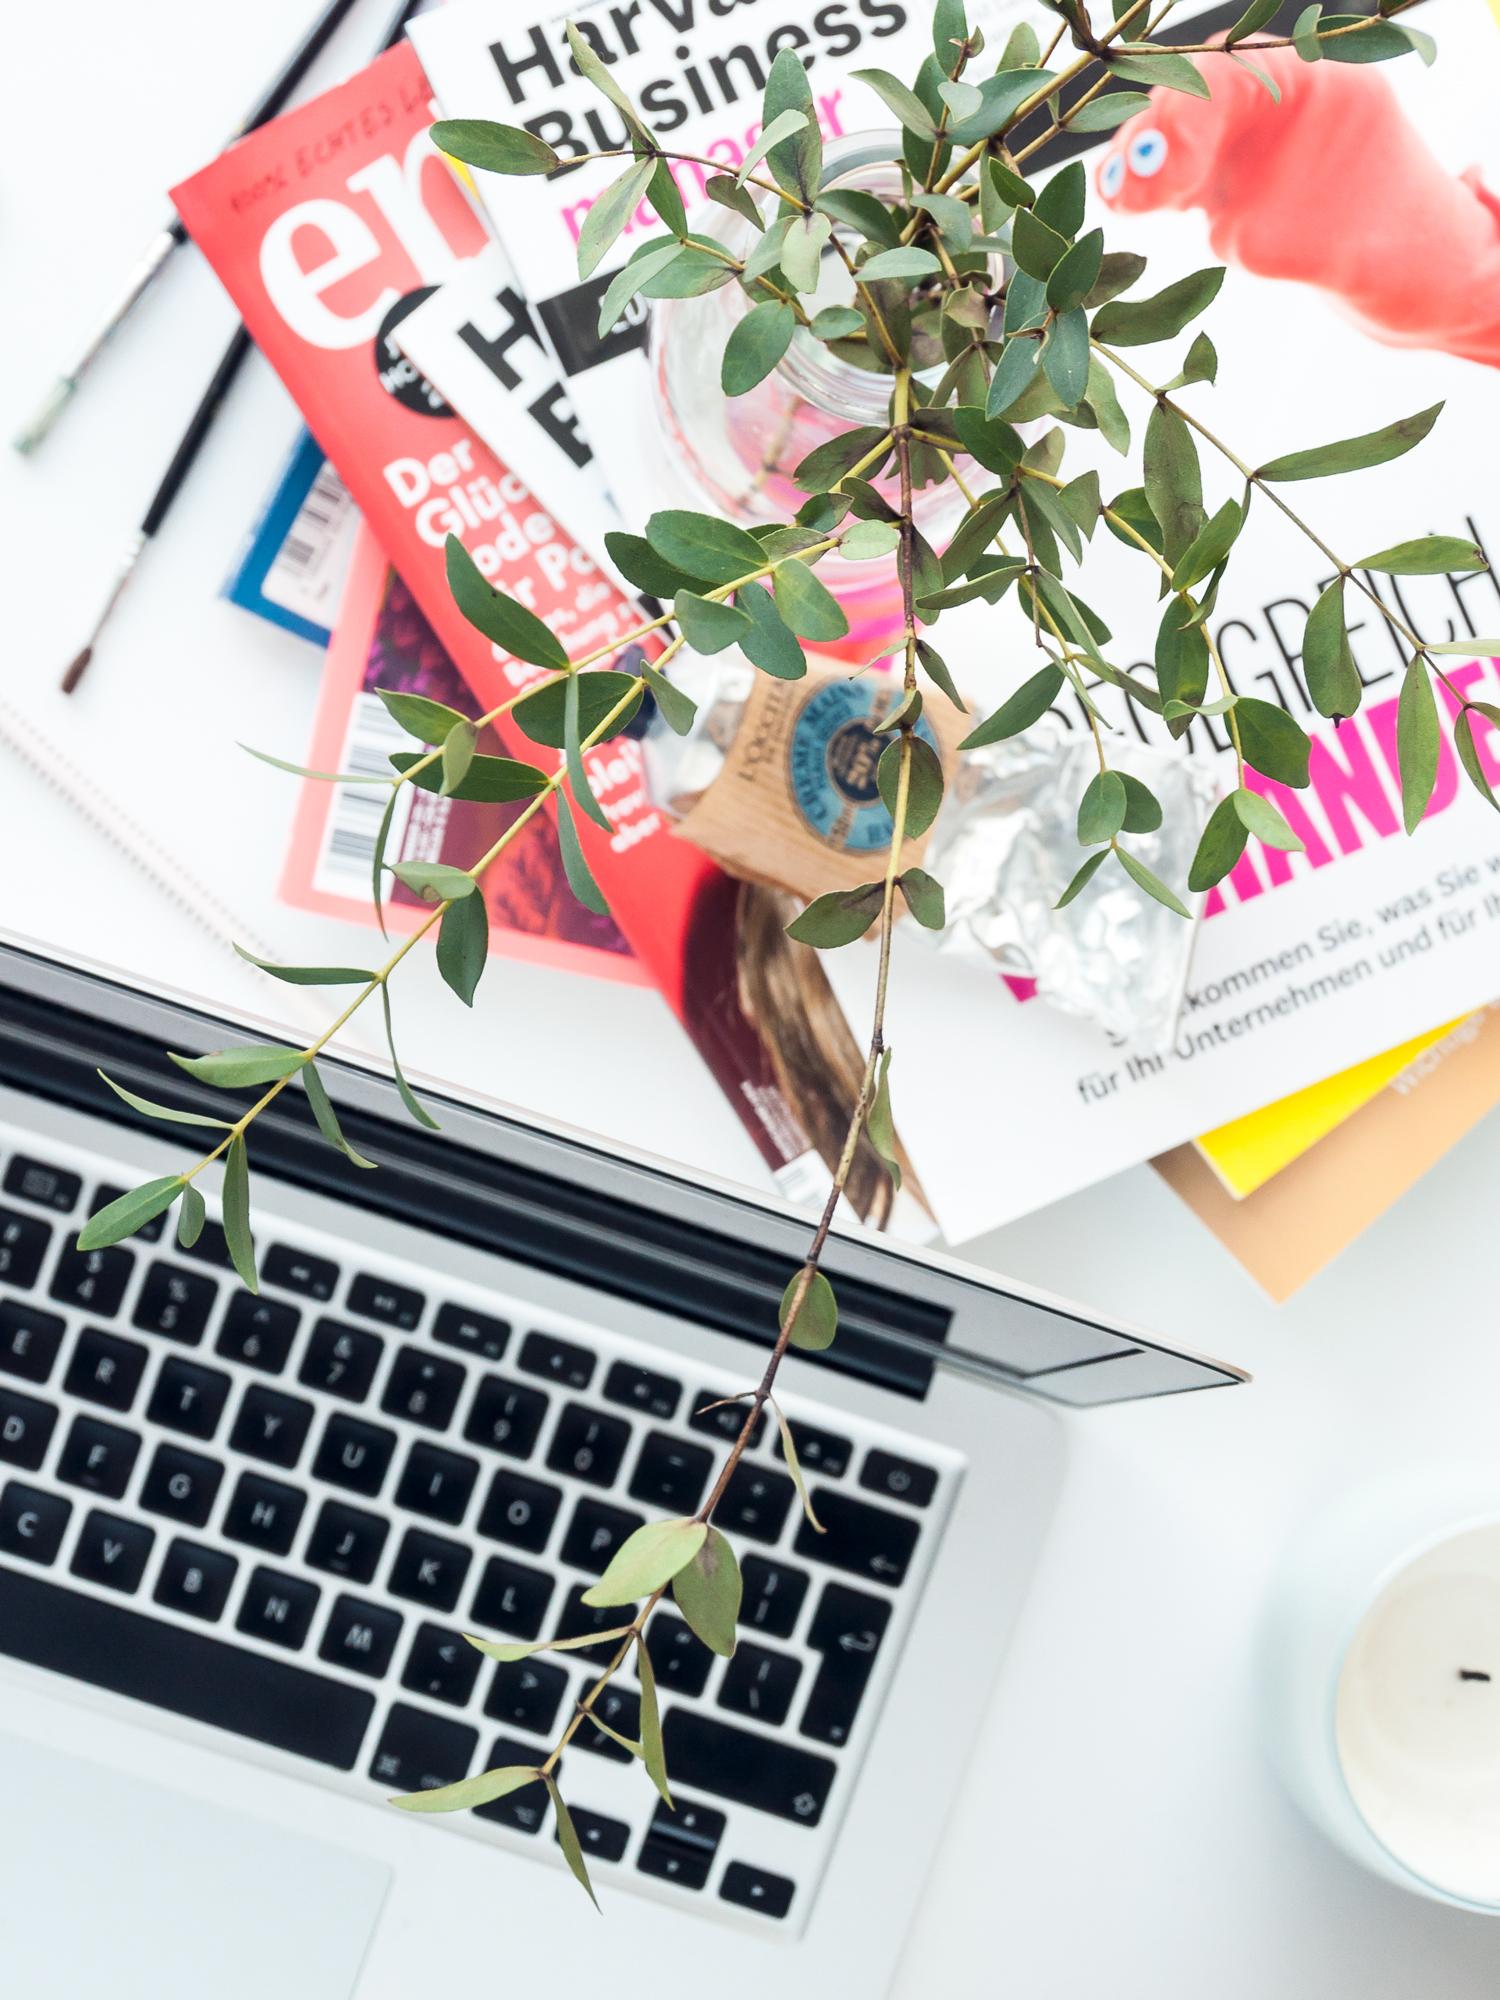 Kreatives Chaos oder Minimalismus auf dem Schreibtisch? #Minimalismus #Produktivität #Kreativität #Arbeit #Freelancer #Beruf #Psychologie